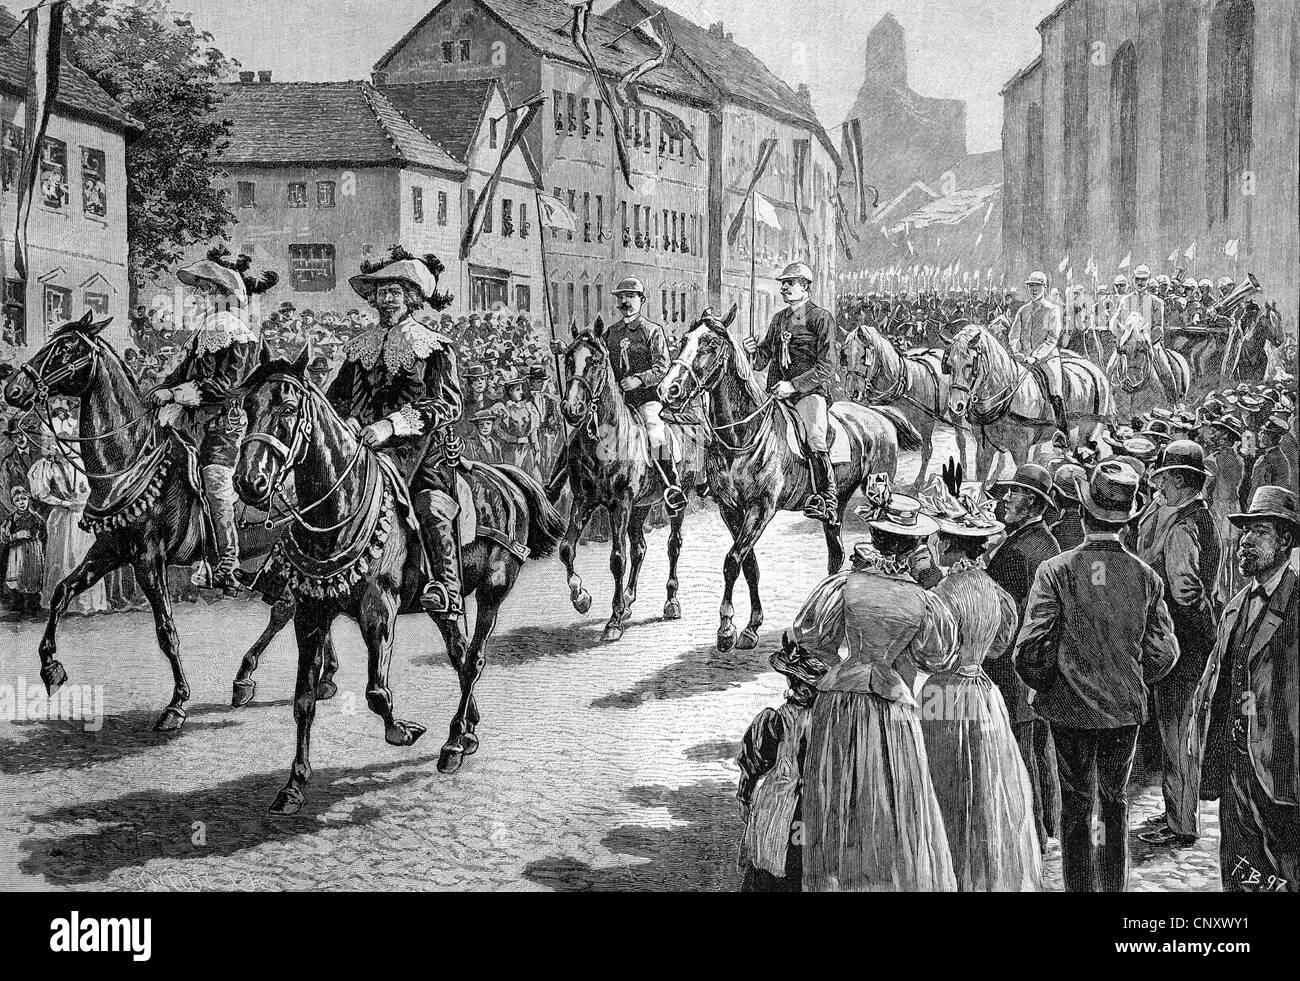 Ringreiterfest gymkhana, Alsen, Sonderborg, Denmark, historic wood engraving, about 1897 - Stock Image